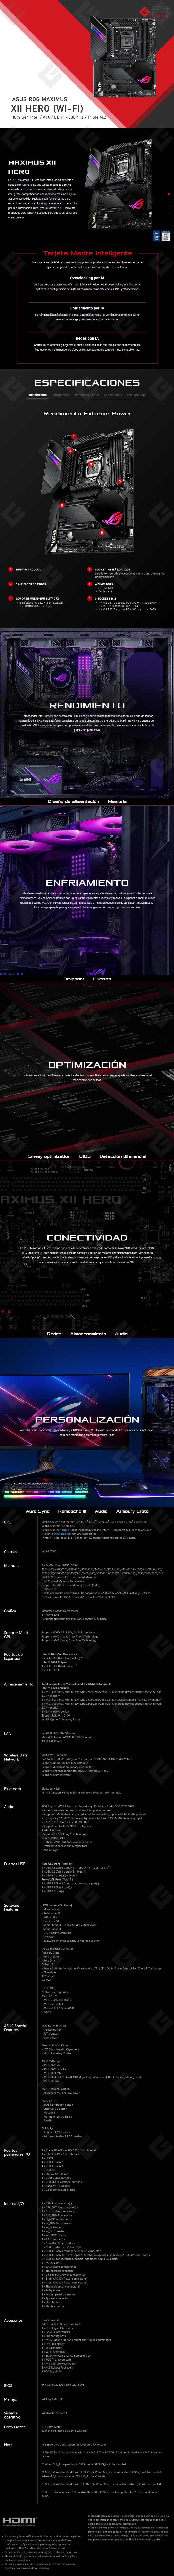 Tarjeta Madre Asus ROG Maximus XII Hero (Wi-Fi), 10th Gen Intel, DDR4 4800Mhz OC, ATX, Triple M.2, Crossfire, SLI